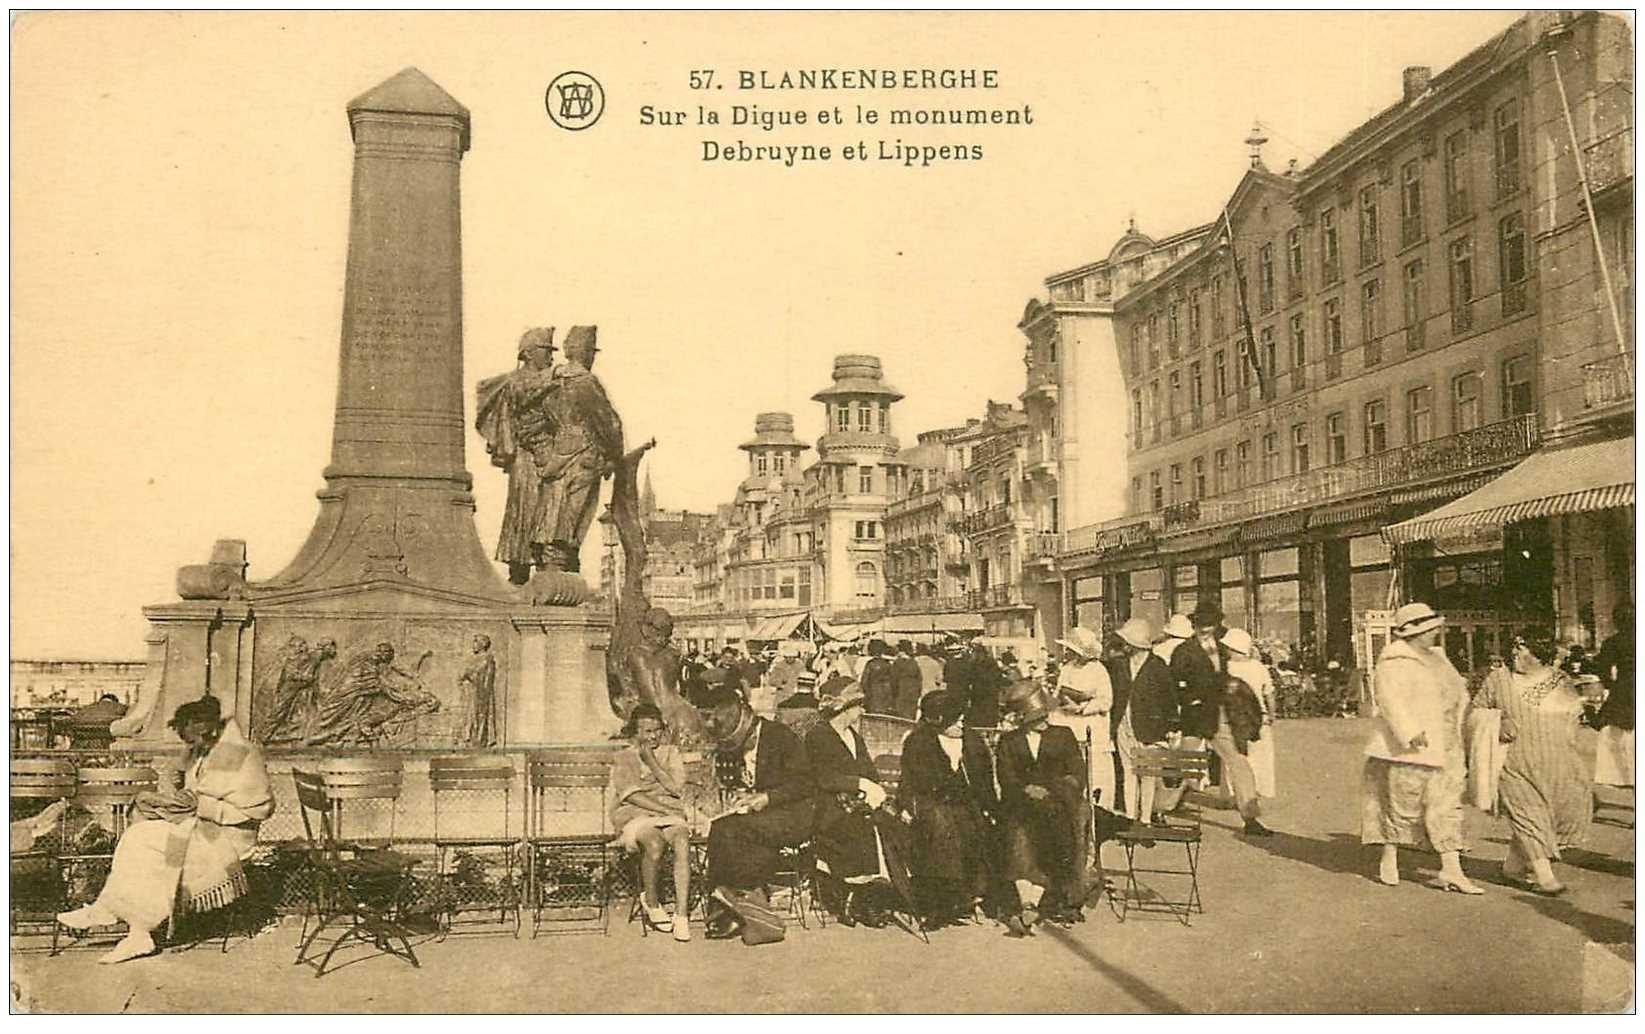 carte postale ancienne BLANKENBERGHE. Monument Debruyne et Lippens sur la Digue